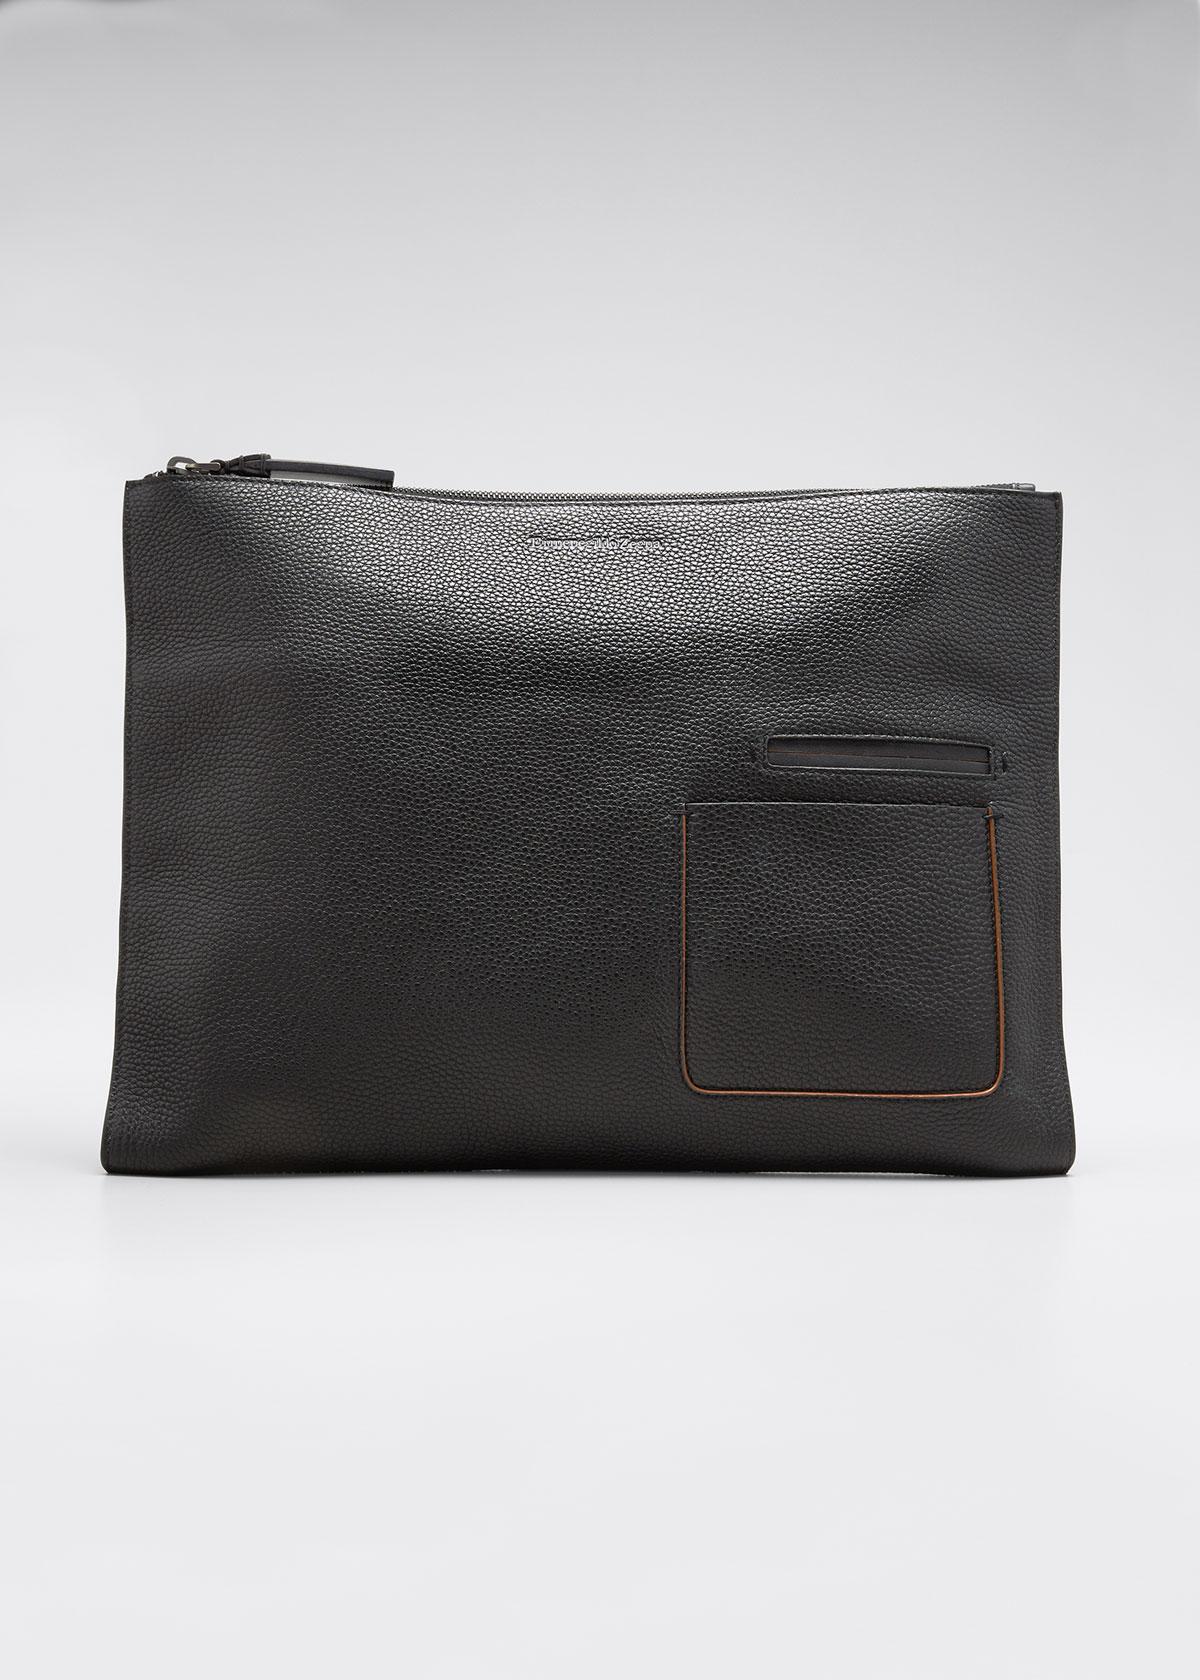 Ermenegildo Zegna Men's Blazer Leather Zip-top Portfolio